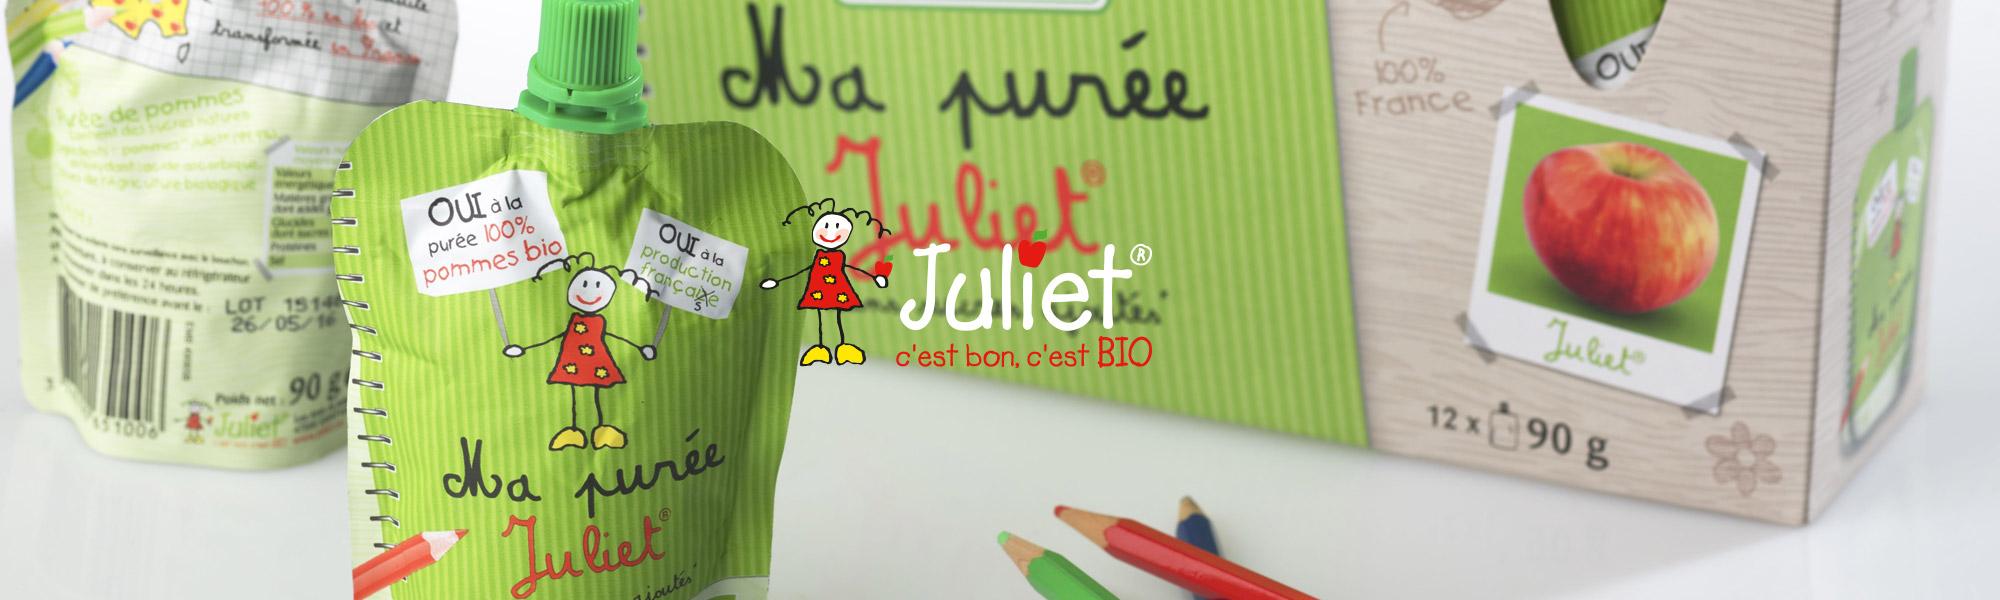 Pommes Juliet BIO